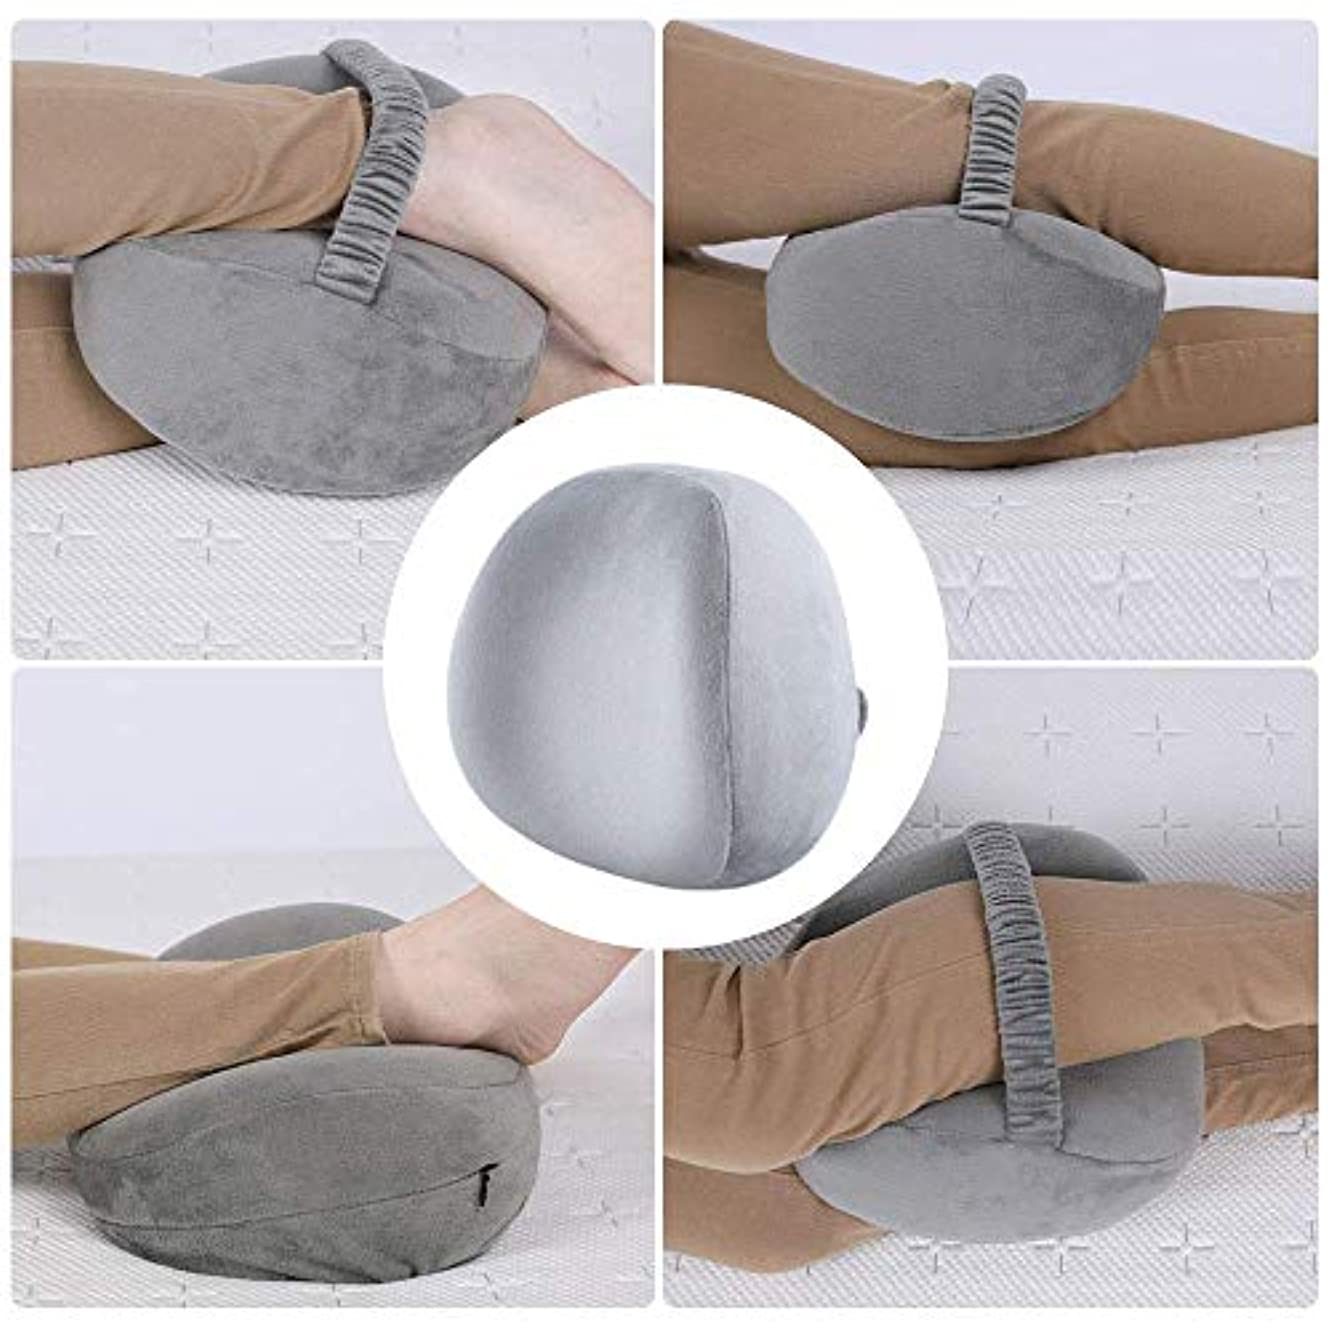 クラッシュタイヤスリチンモイYiTong サイドスリーパー用ニーピローレッグポジショナー-ヒップ、背中、脚、膝の痛み、脊椎のアライメント、坐骨神経痛の緩和、妊娠–ウォッシャブルカバー付きプレミアムメモリーフォームウェッジ輪郭(グレー)